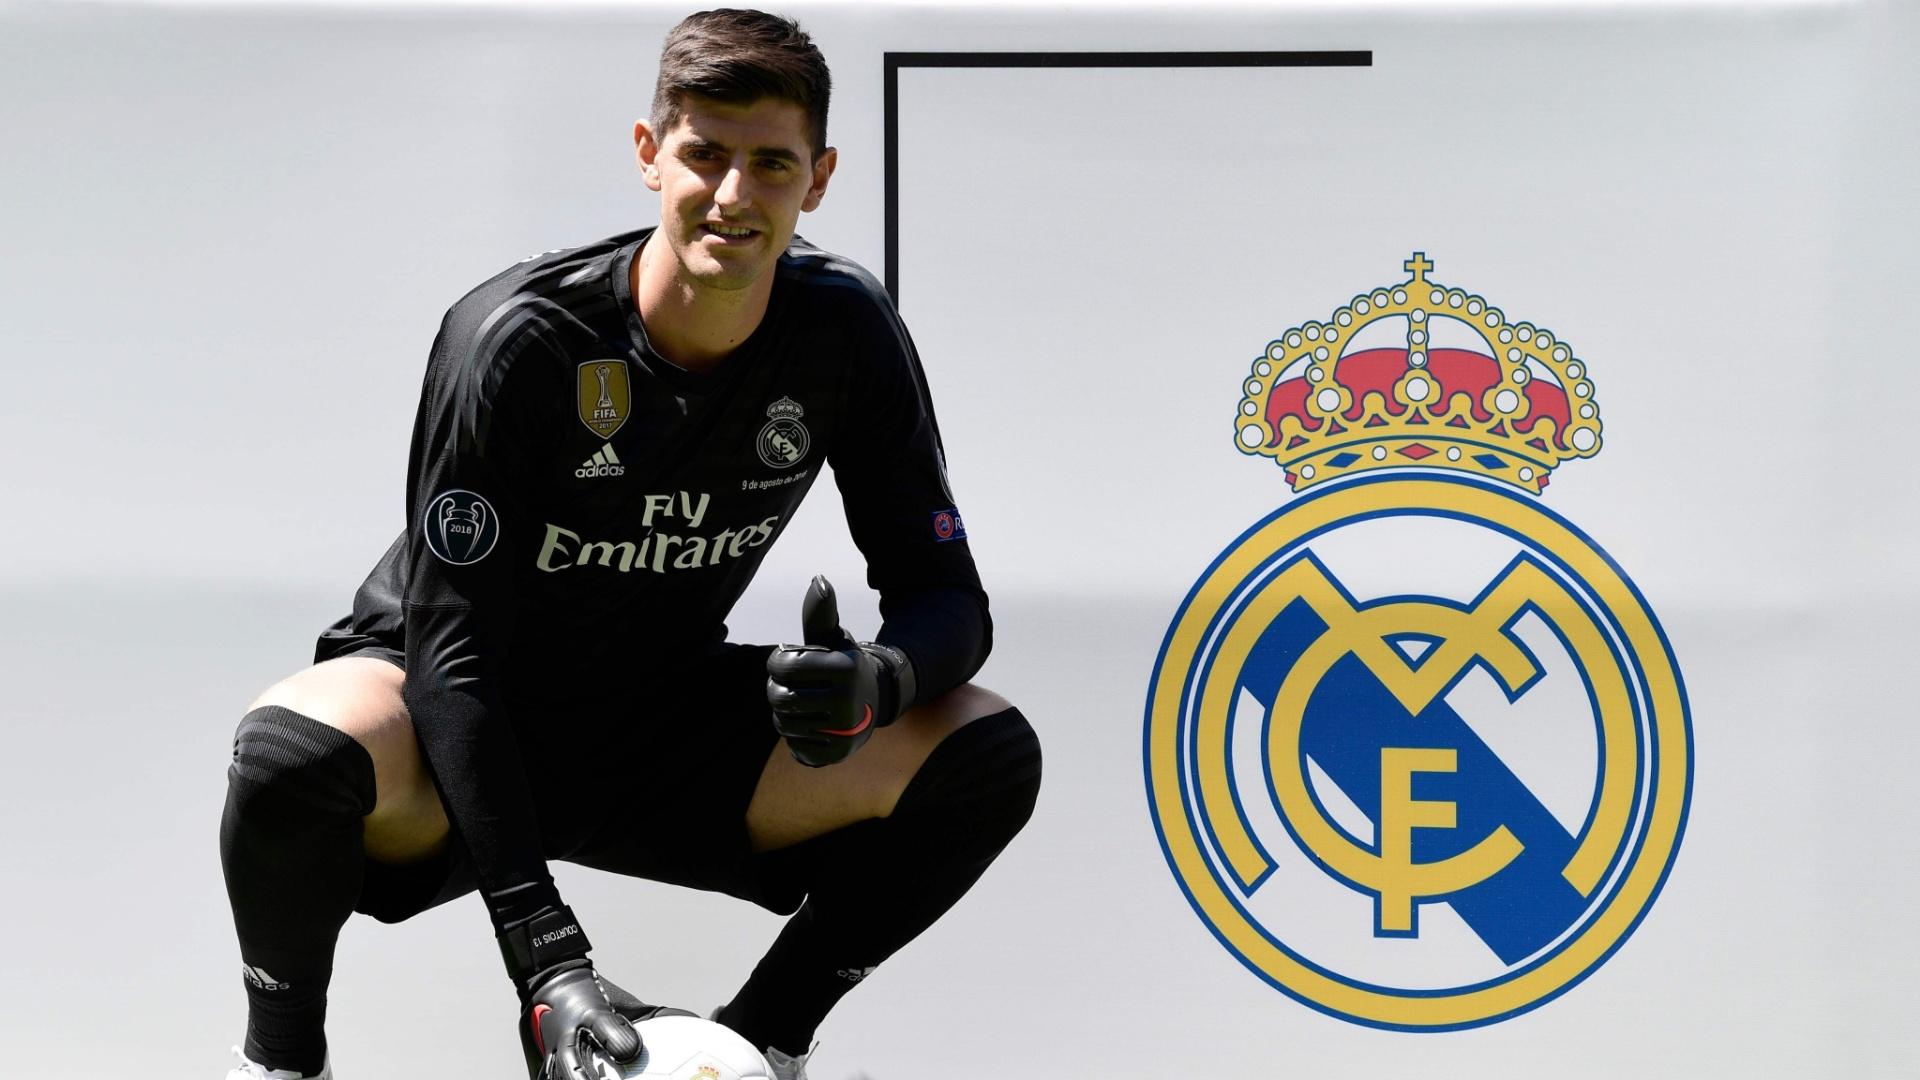 O goleiro belga Courtois é apresentado pelo Real Madrid